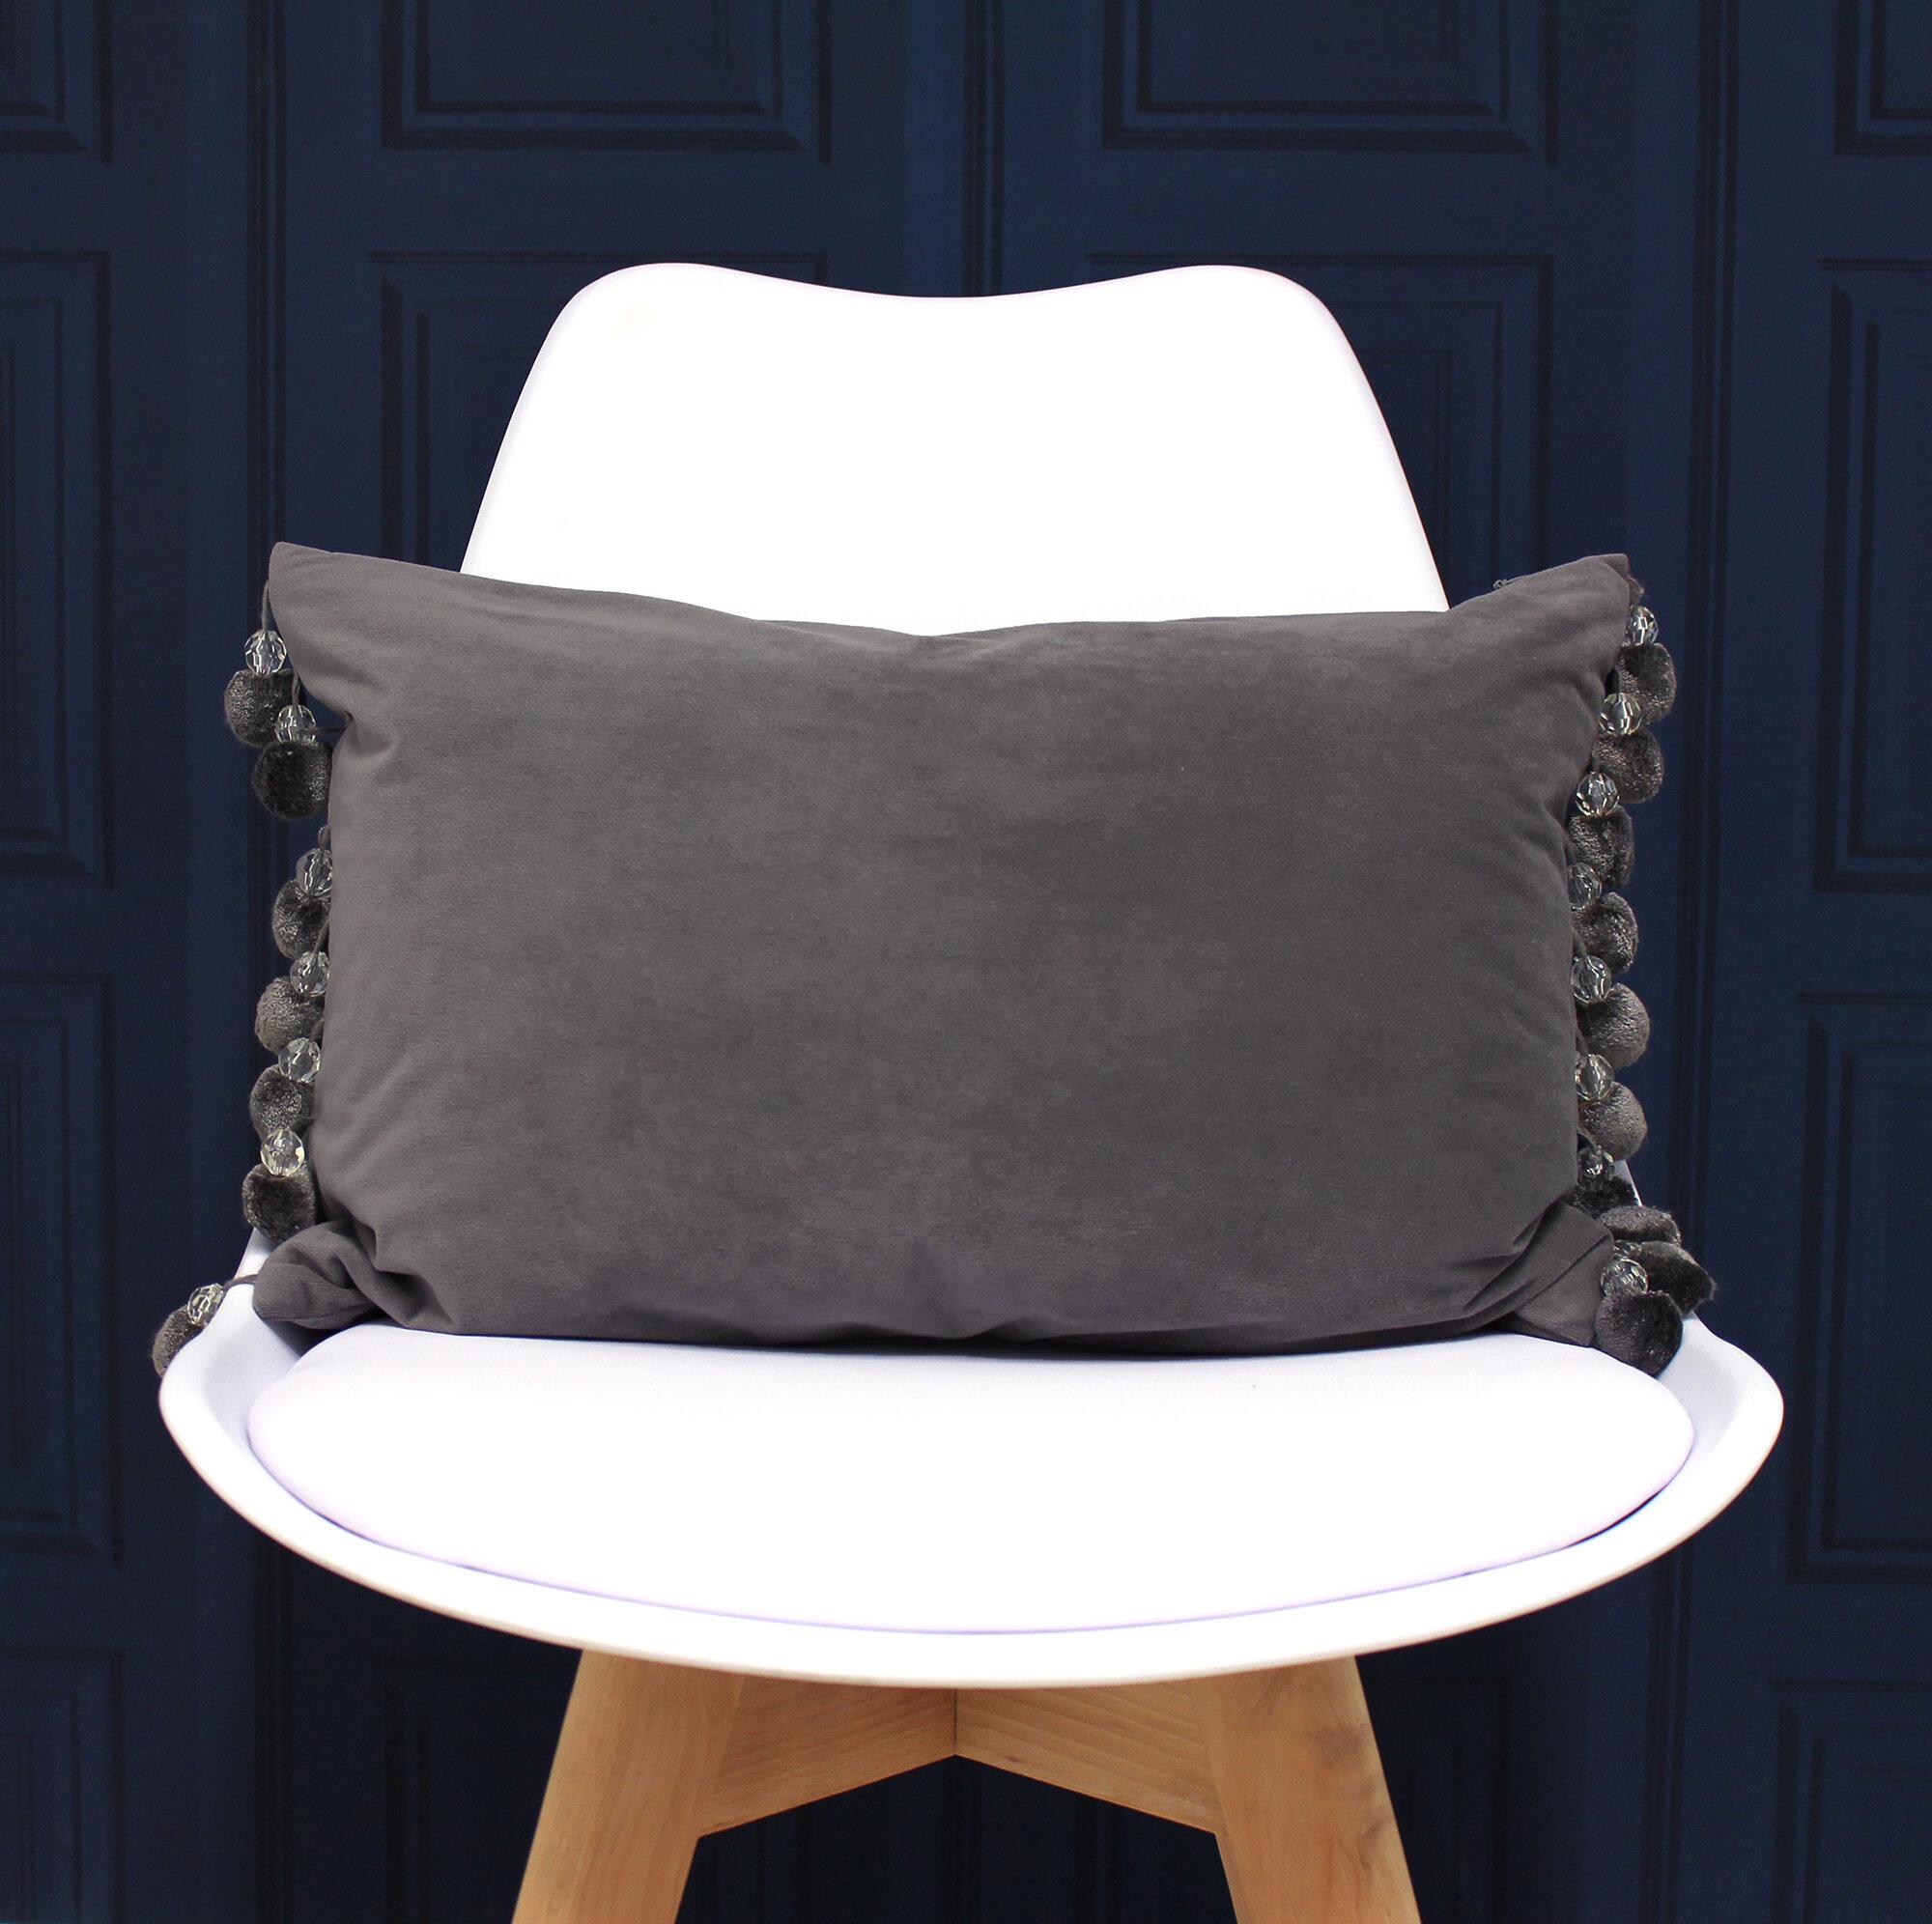 Fosteau Cushion Cover